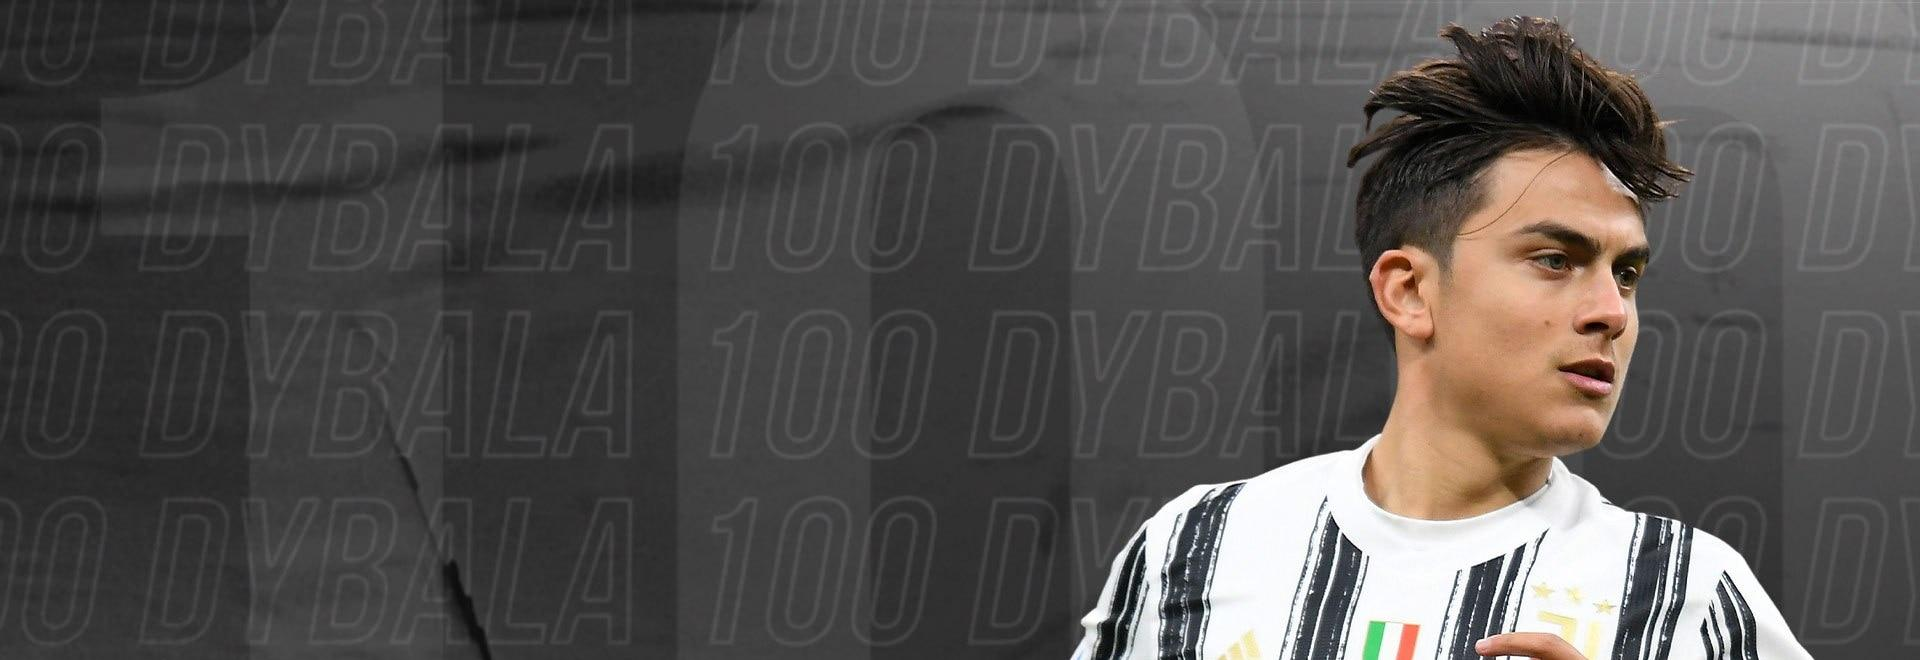 Dybala 100 Gol con la Juventus